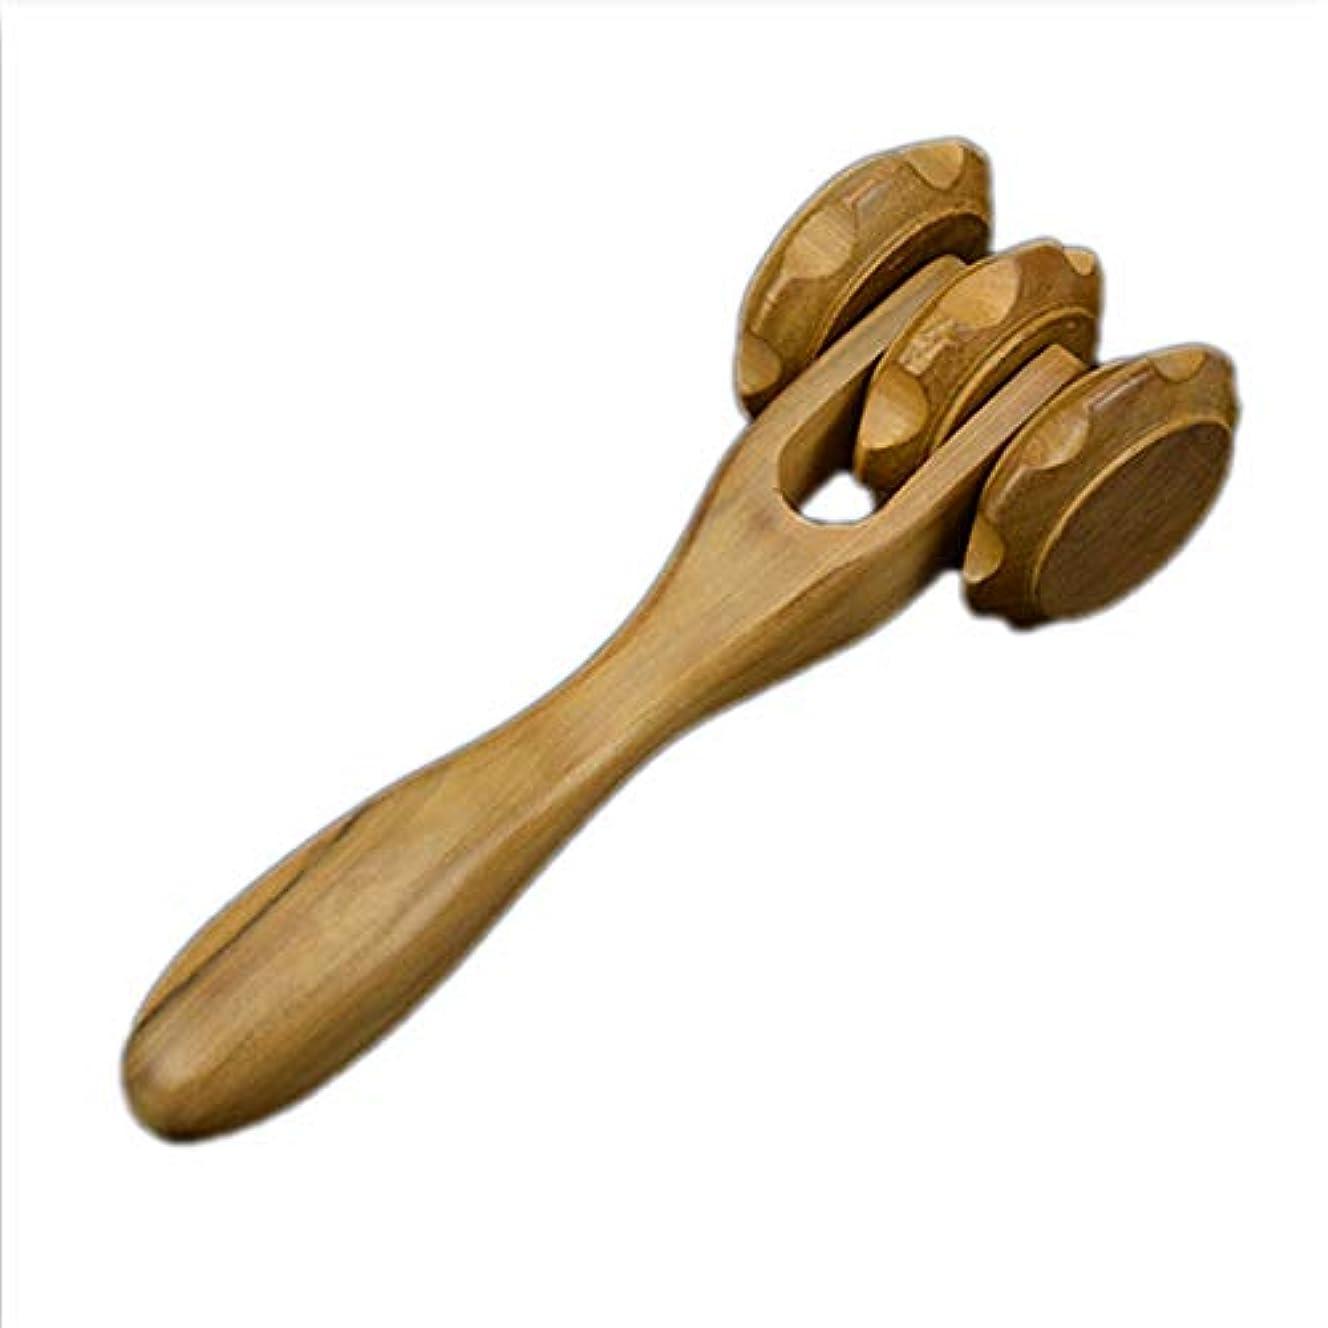 フェリモア マッサージローラー 木製 ツボ押し 3連ローラー 首 肩 腰 二の腕 美顔 筋肉 (ブラウン)